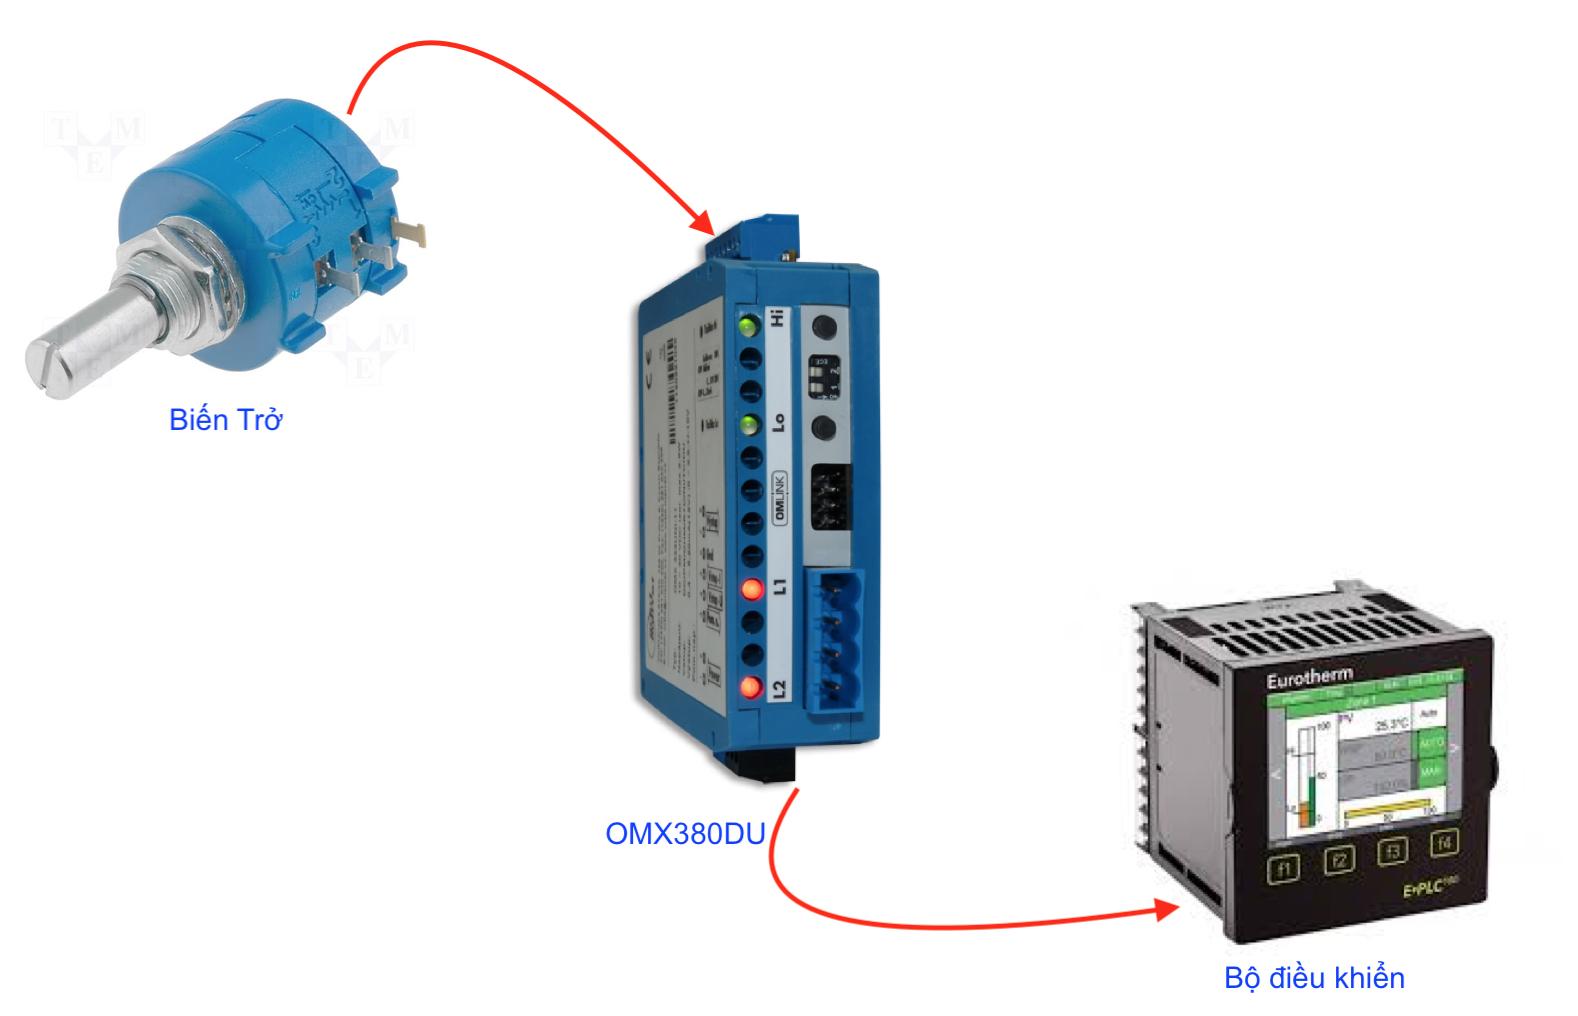 Bộ chuyển đổi điện trở và biến trở sang 4-20mA / 0-10v